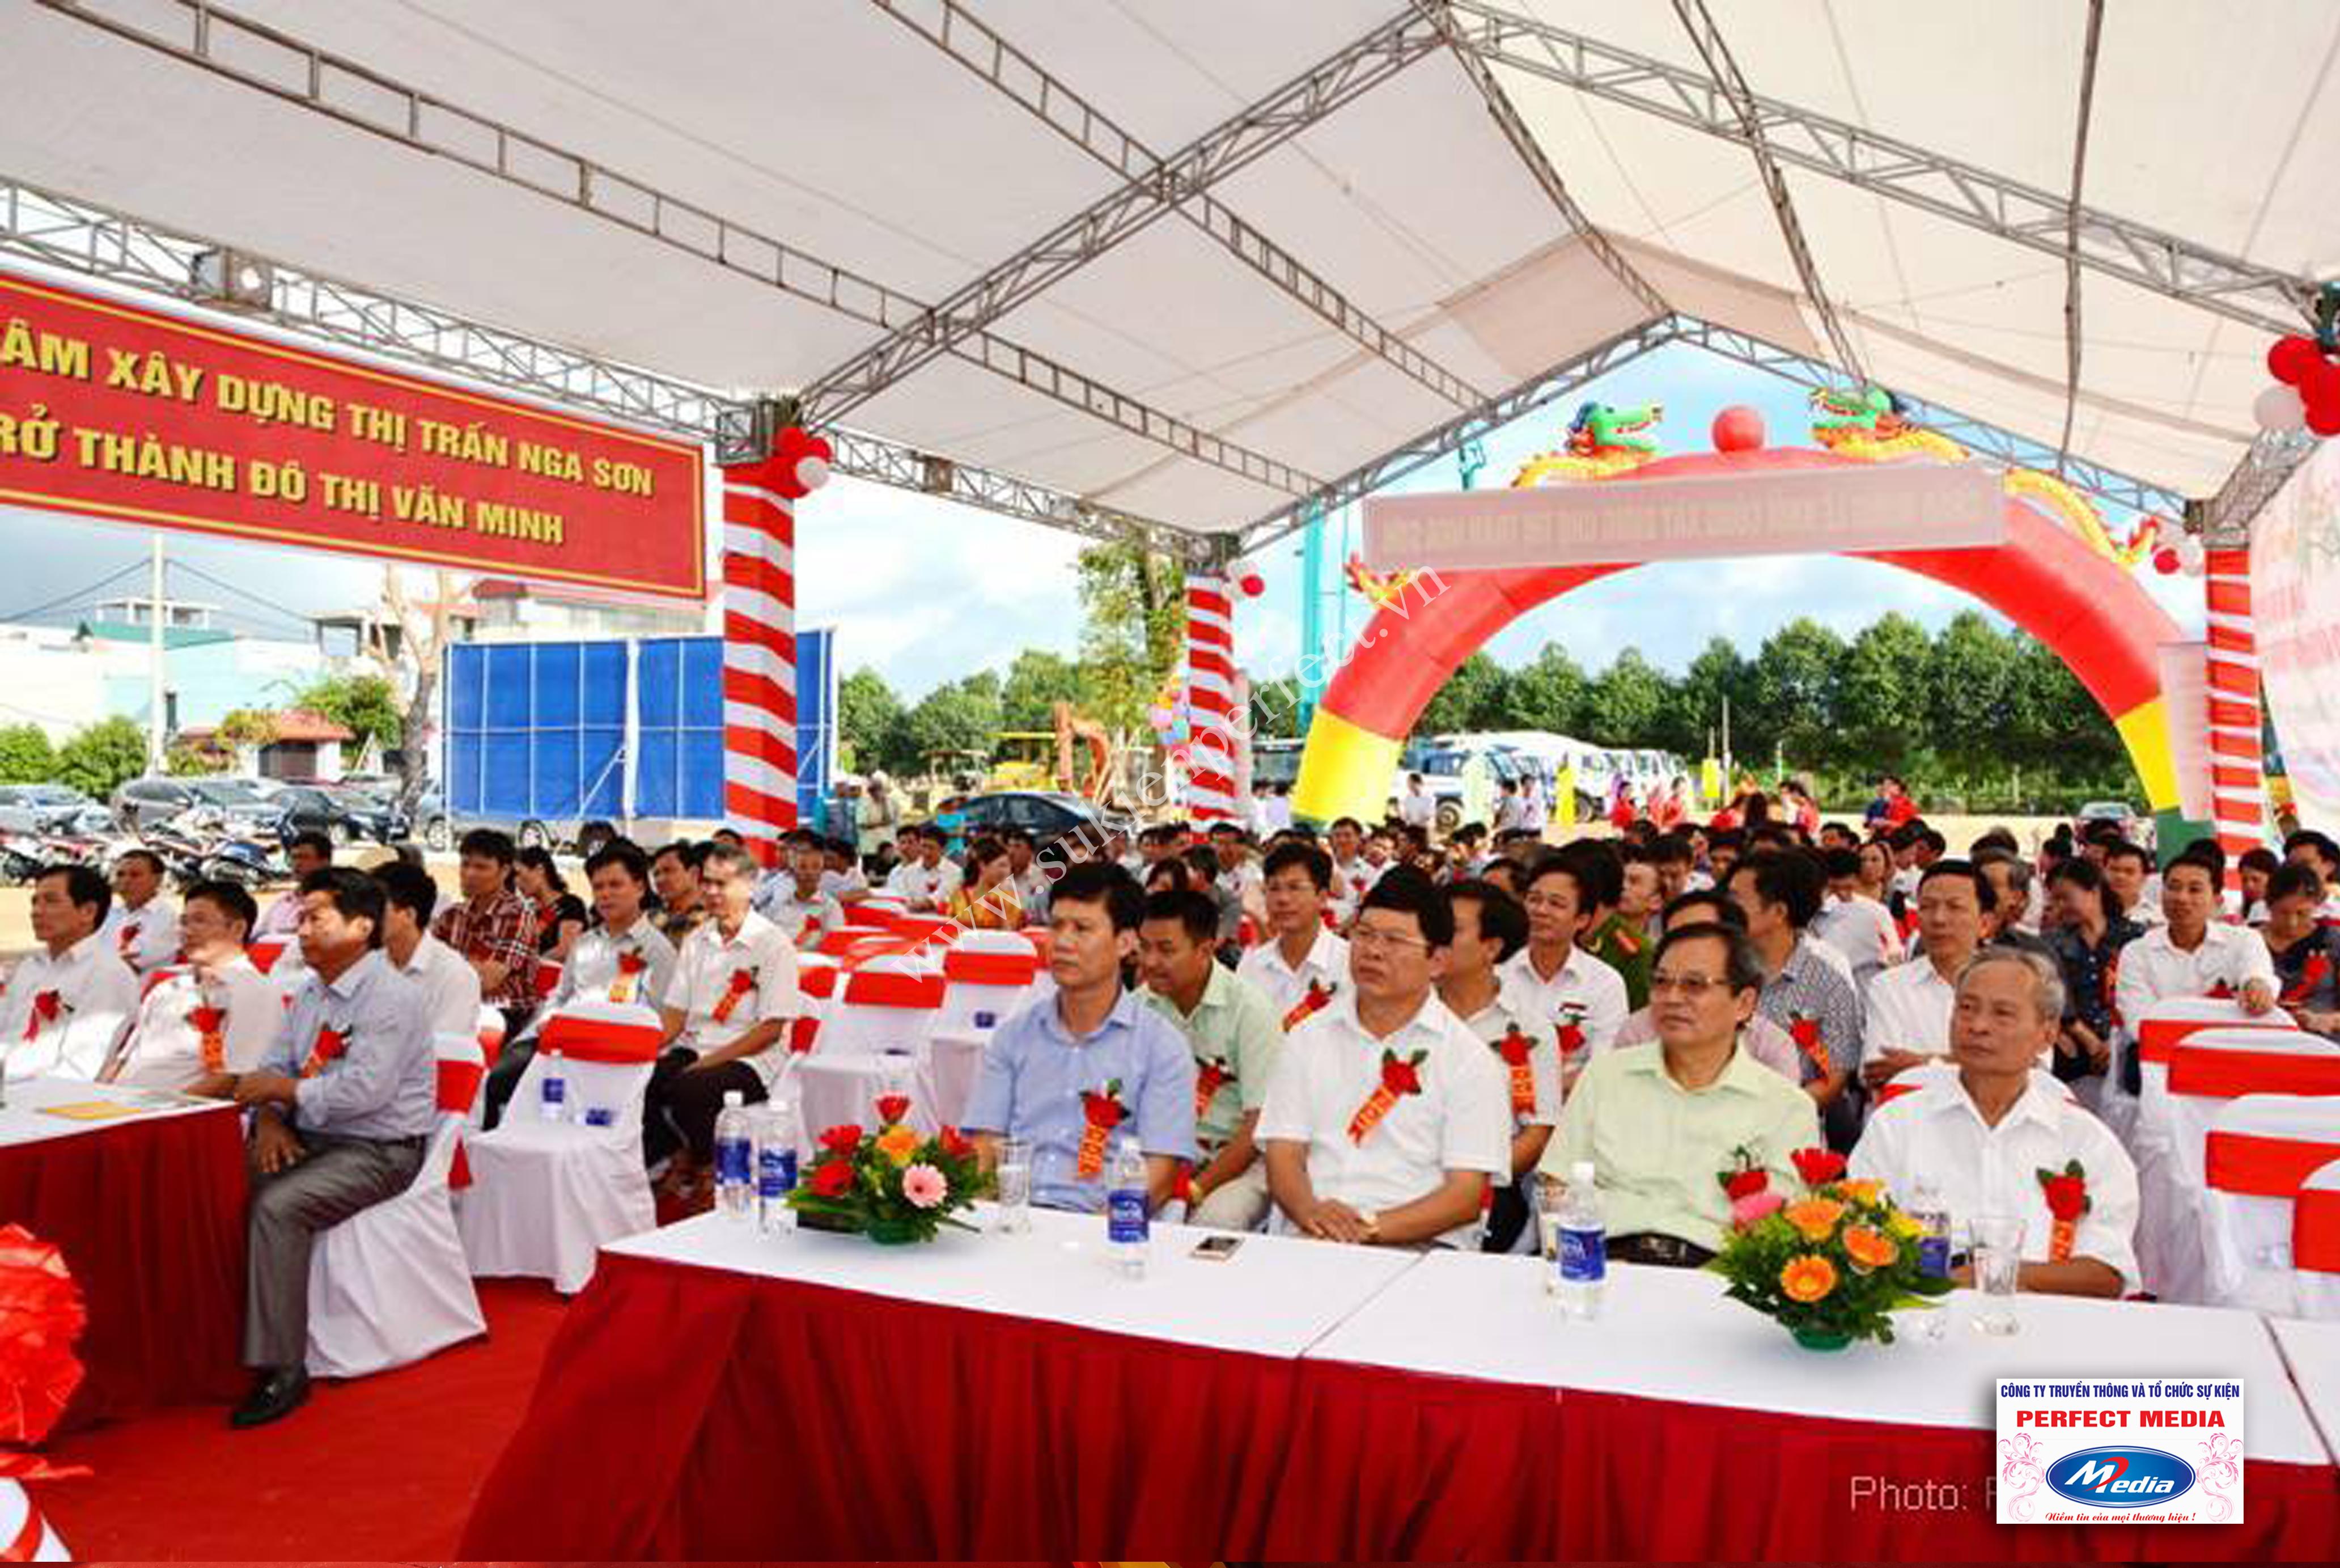 Hình ảnh hội trường lễ khởi công xây dựng chợ thị trấn huyện Nga Sơn 13